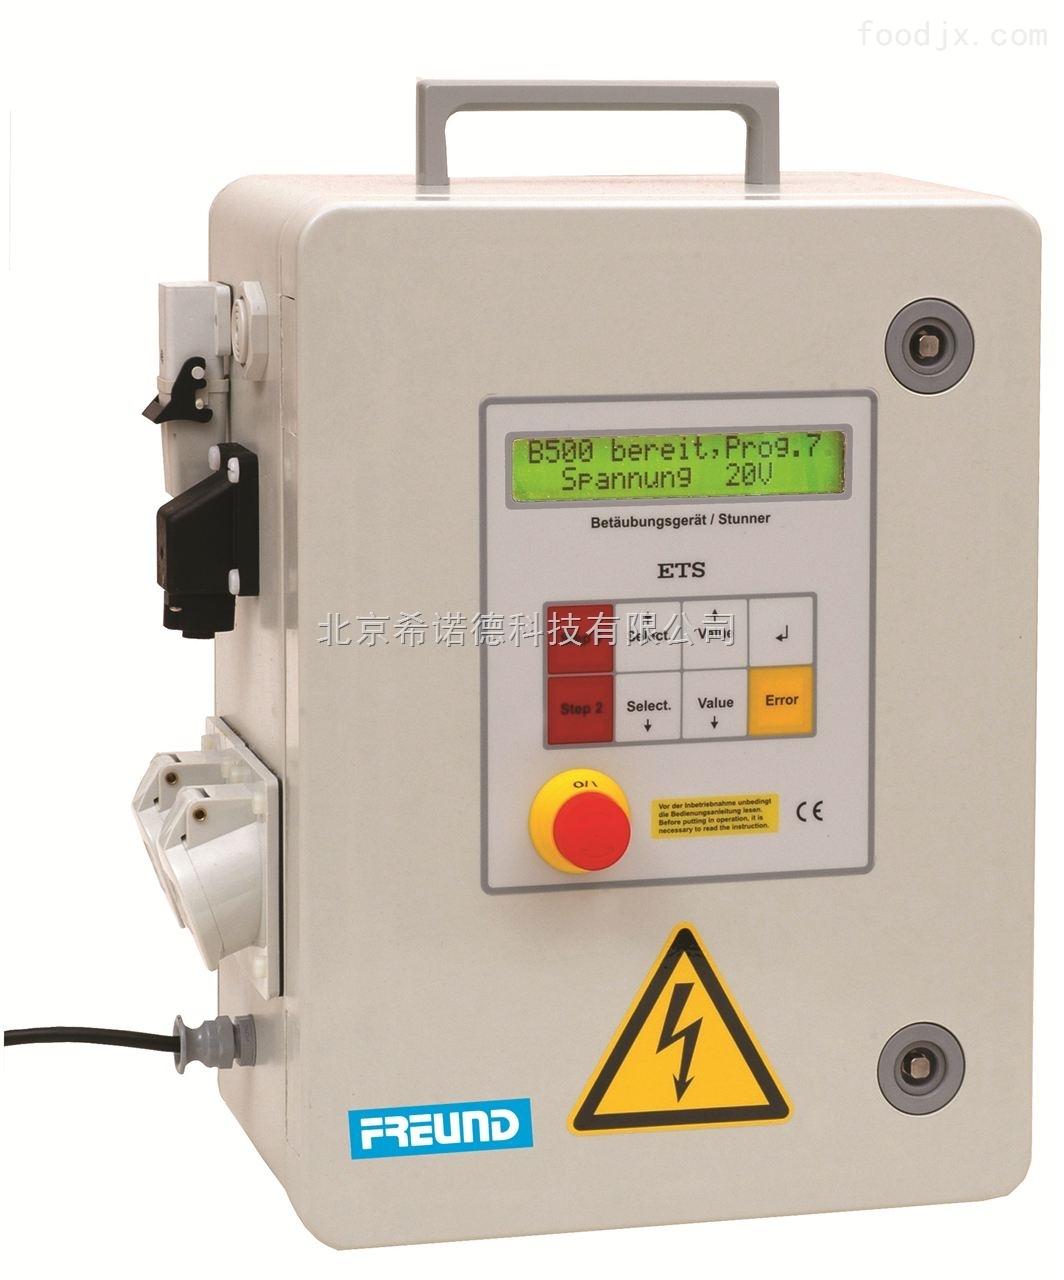 牛电刺激装置 牛羊屠宰设备 牛电刺激设备价格